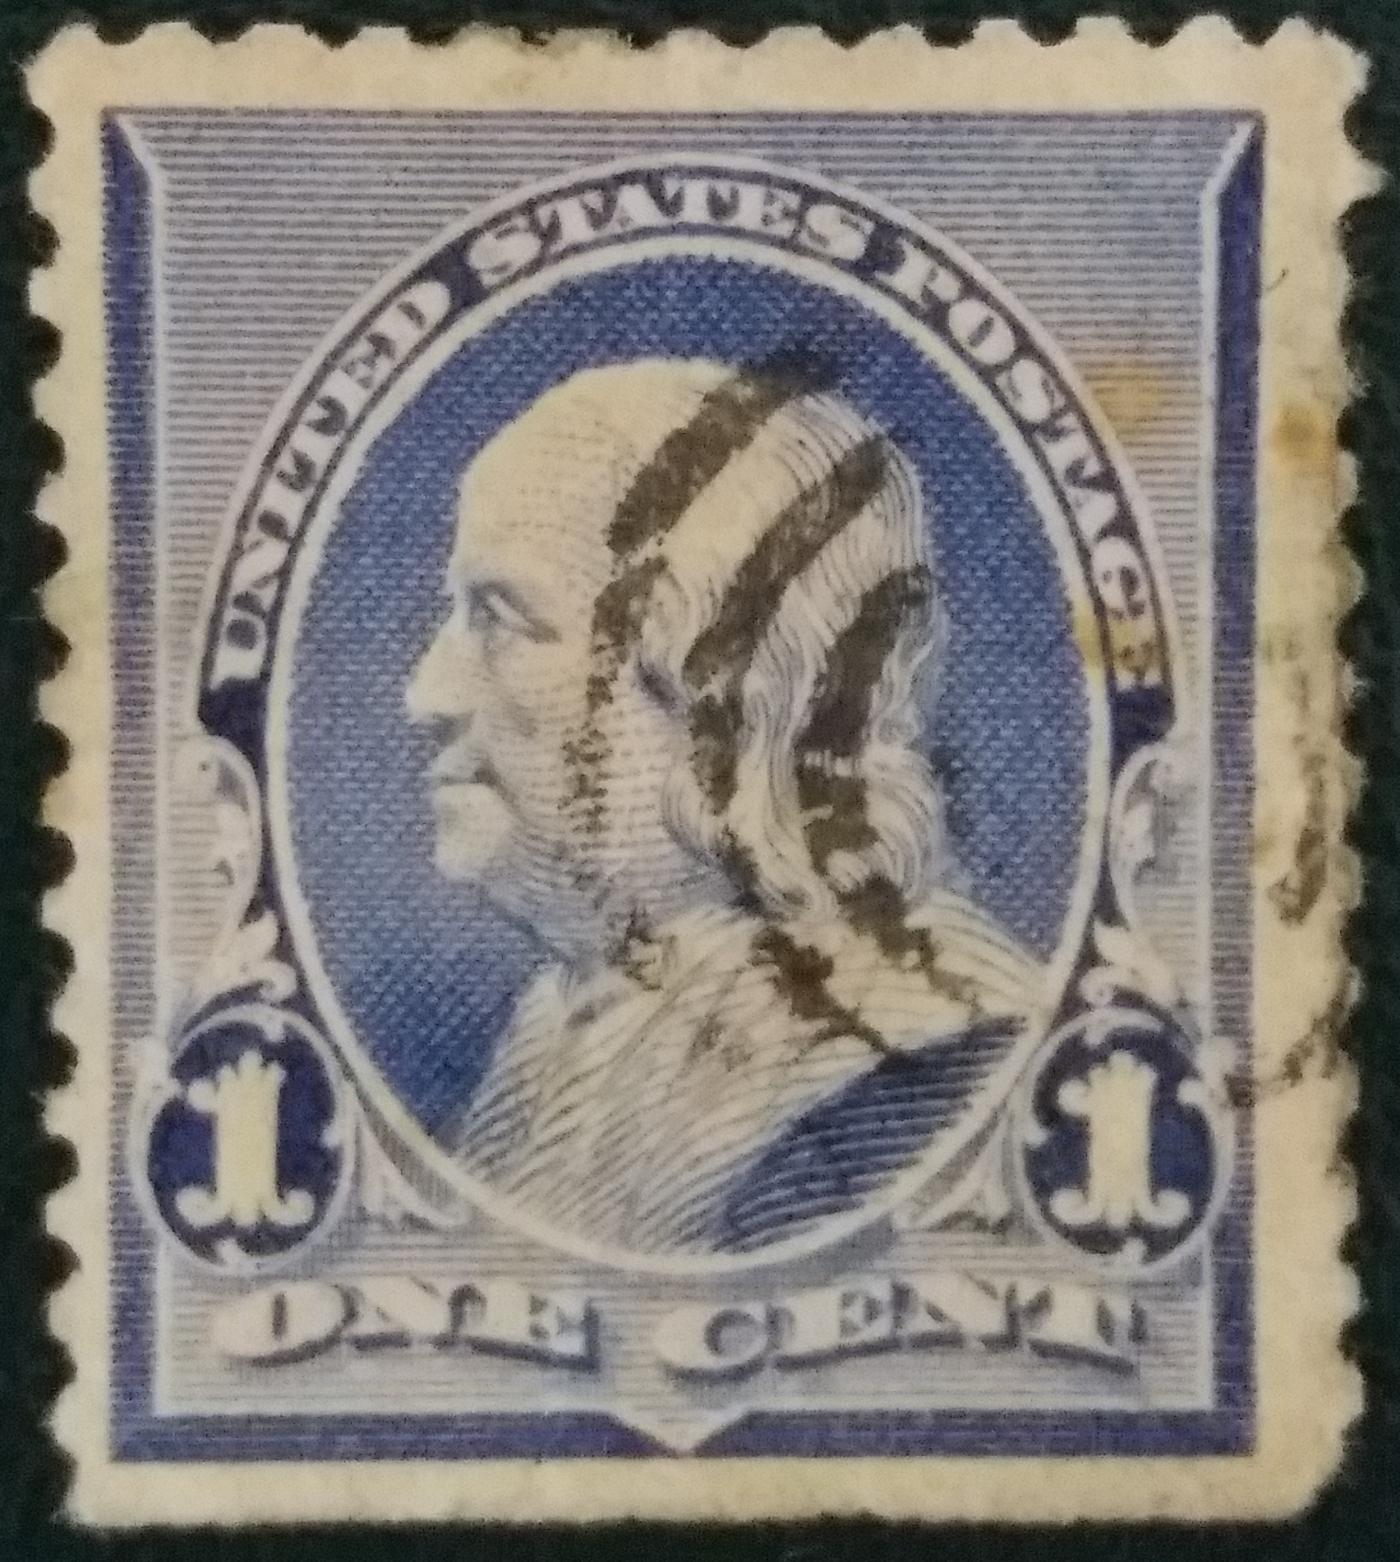 1 Cent 1890 Benjamin Franklin Us Presidents Benjamin Franklin United States Of America